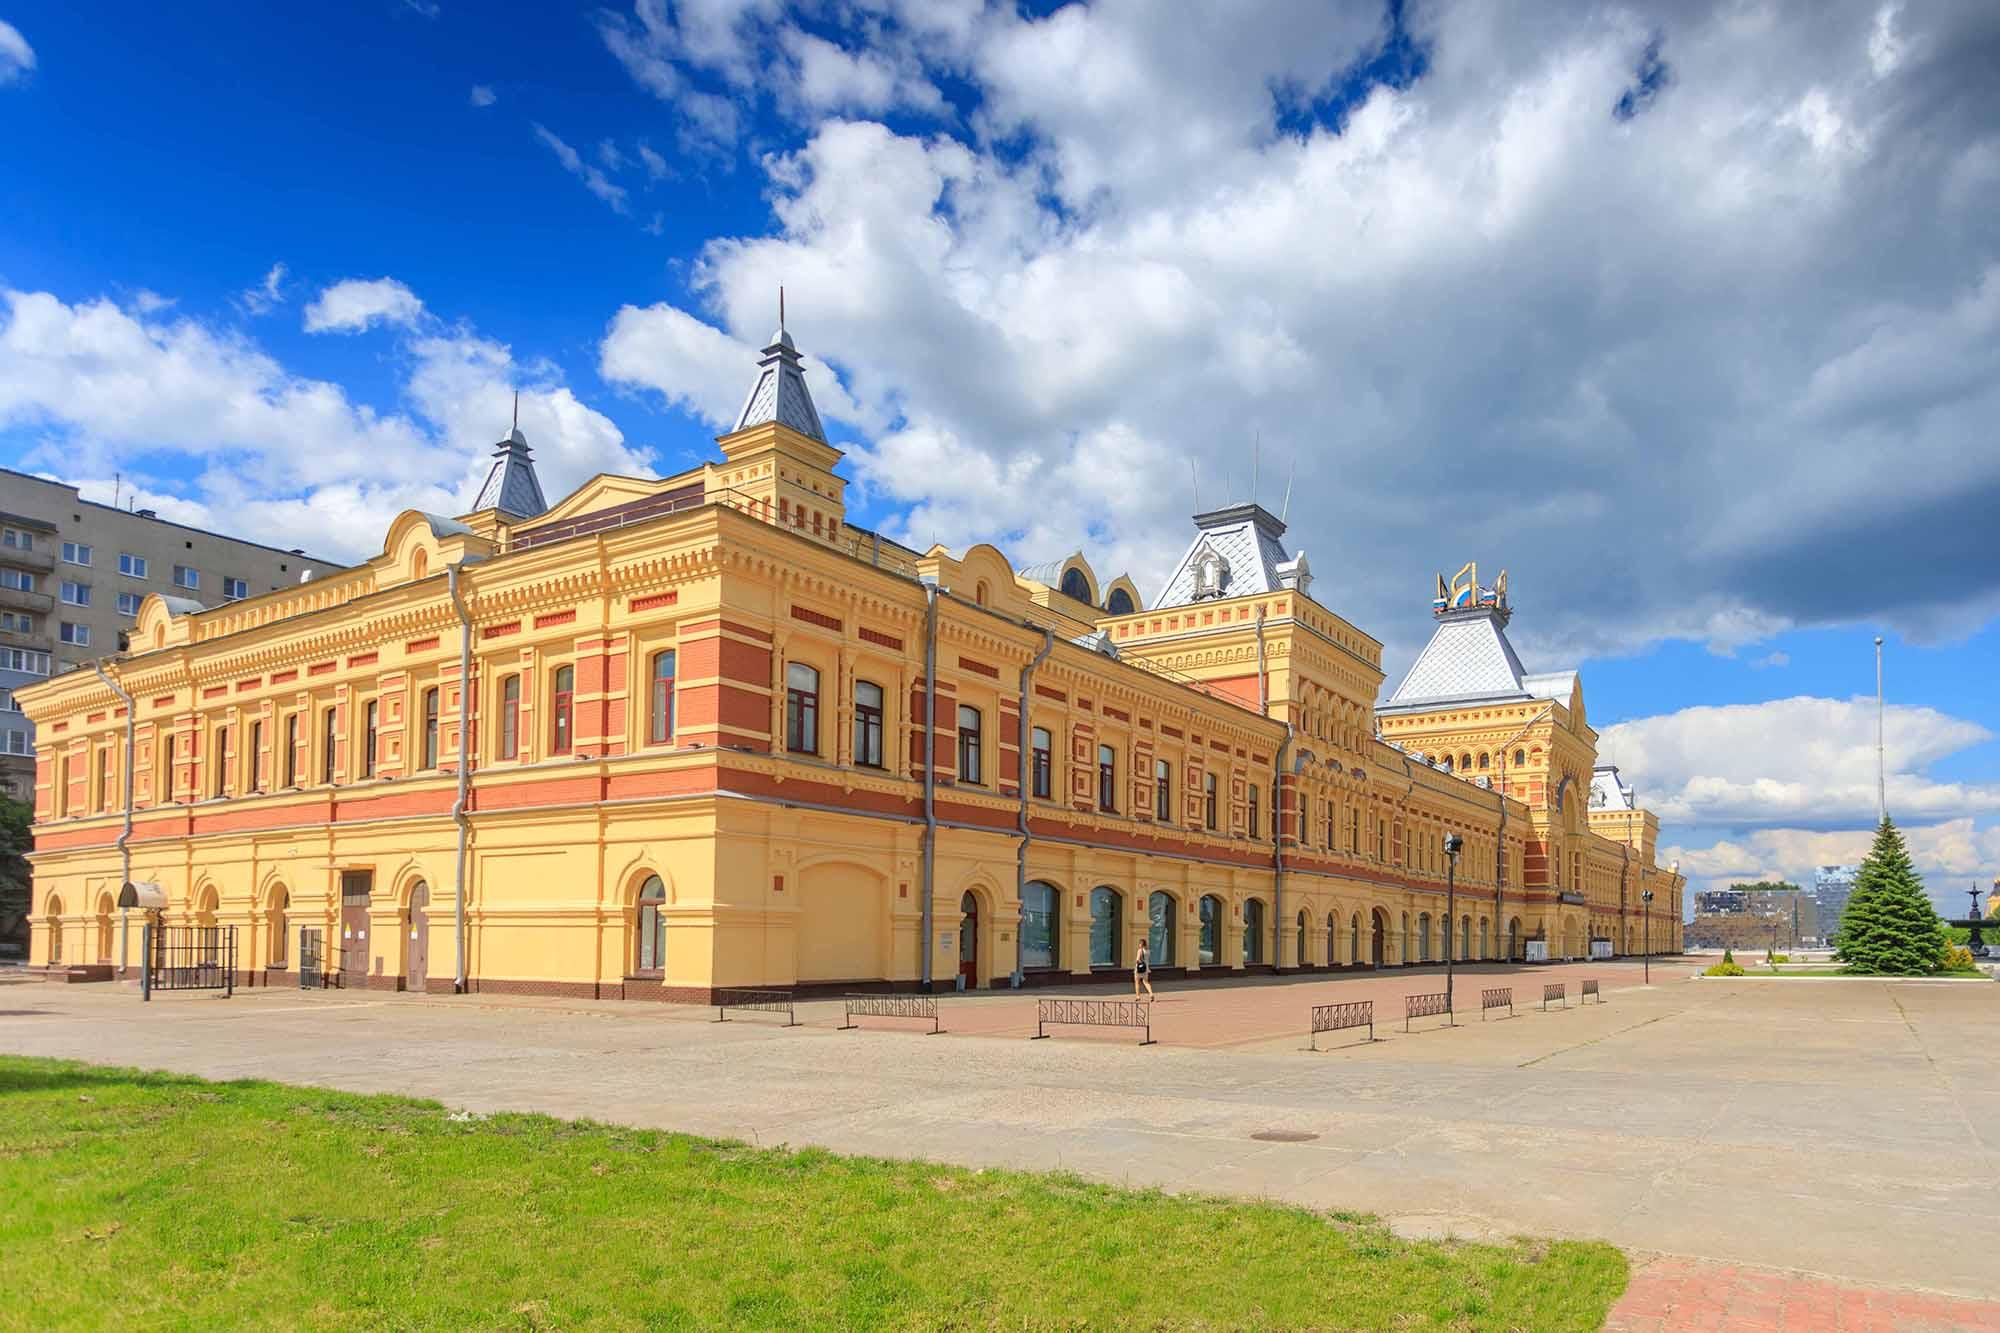 В Нижнем Новгороде объявлен конкурс графического дизайна «Айдентика Нижегородской ярмарки»